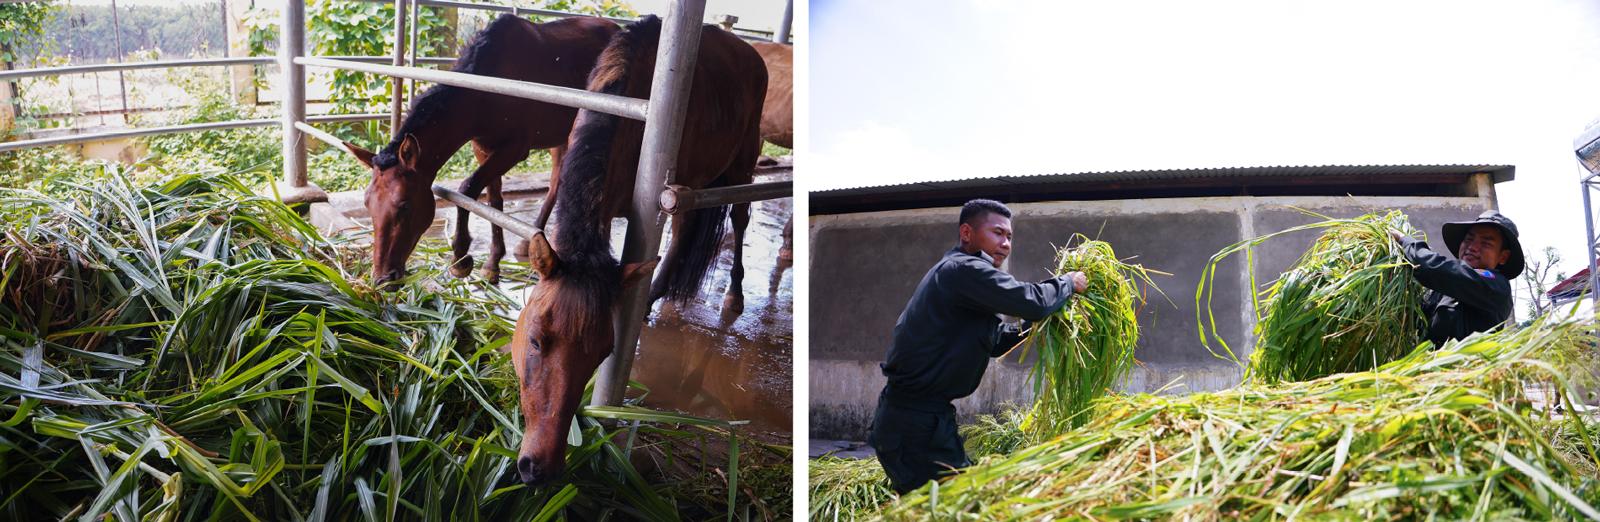 Cảnh sát cơ động Kỵ binh huấn luyện ngựa nghiệp vụ ảnh 25